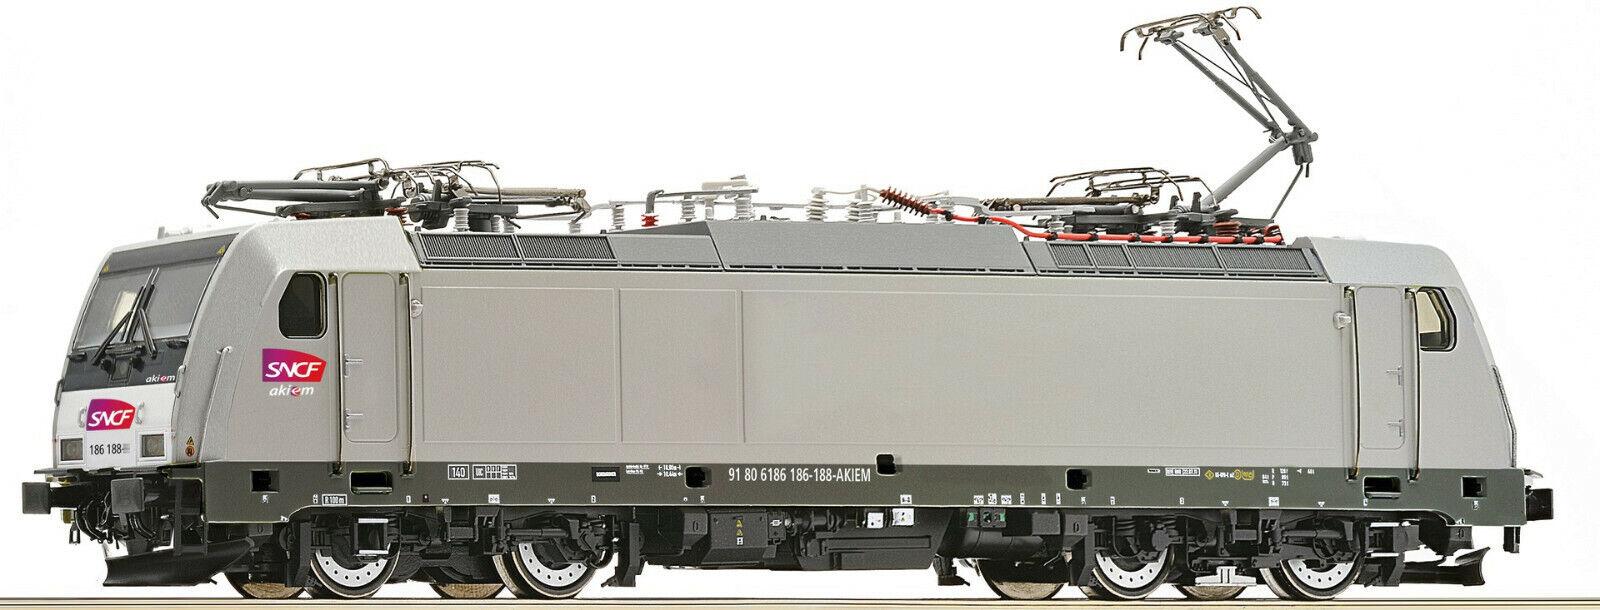 ROCO 73663 DIGITAL LOCOMOTIVE ELECTRIQUE SNCF 186 -188-9 HO BO